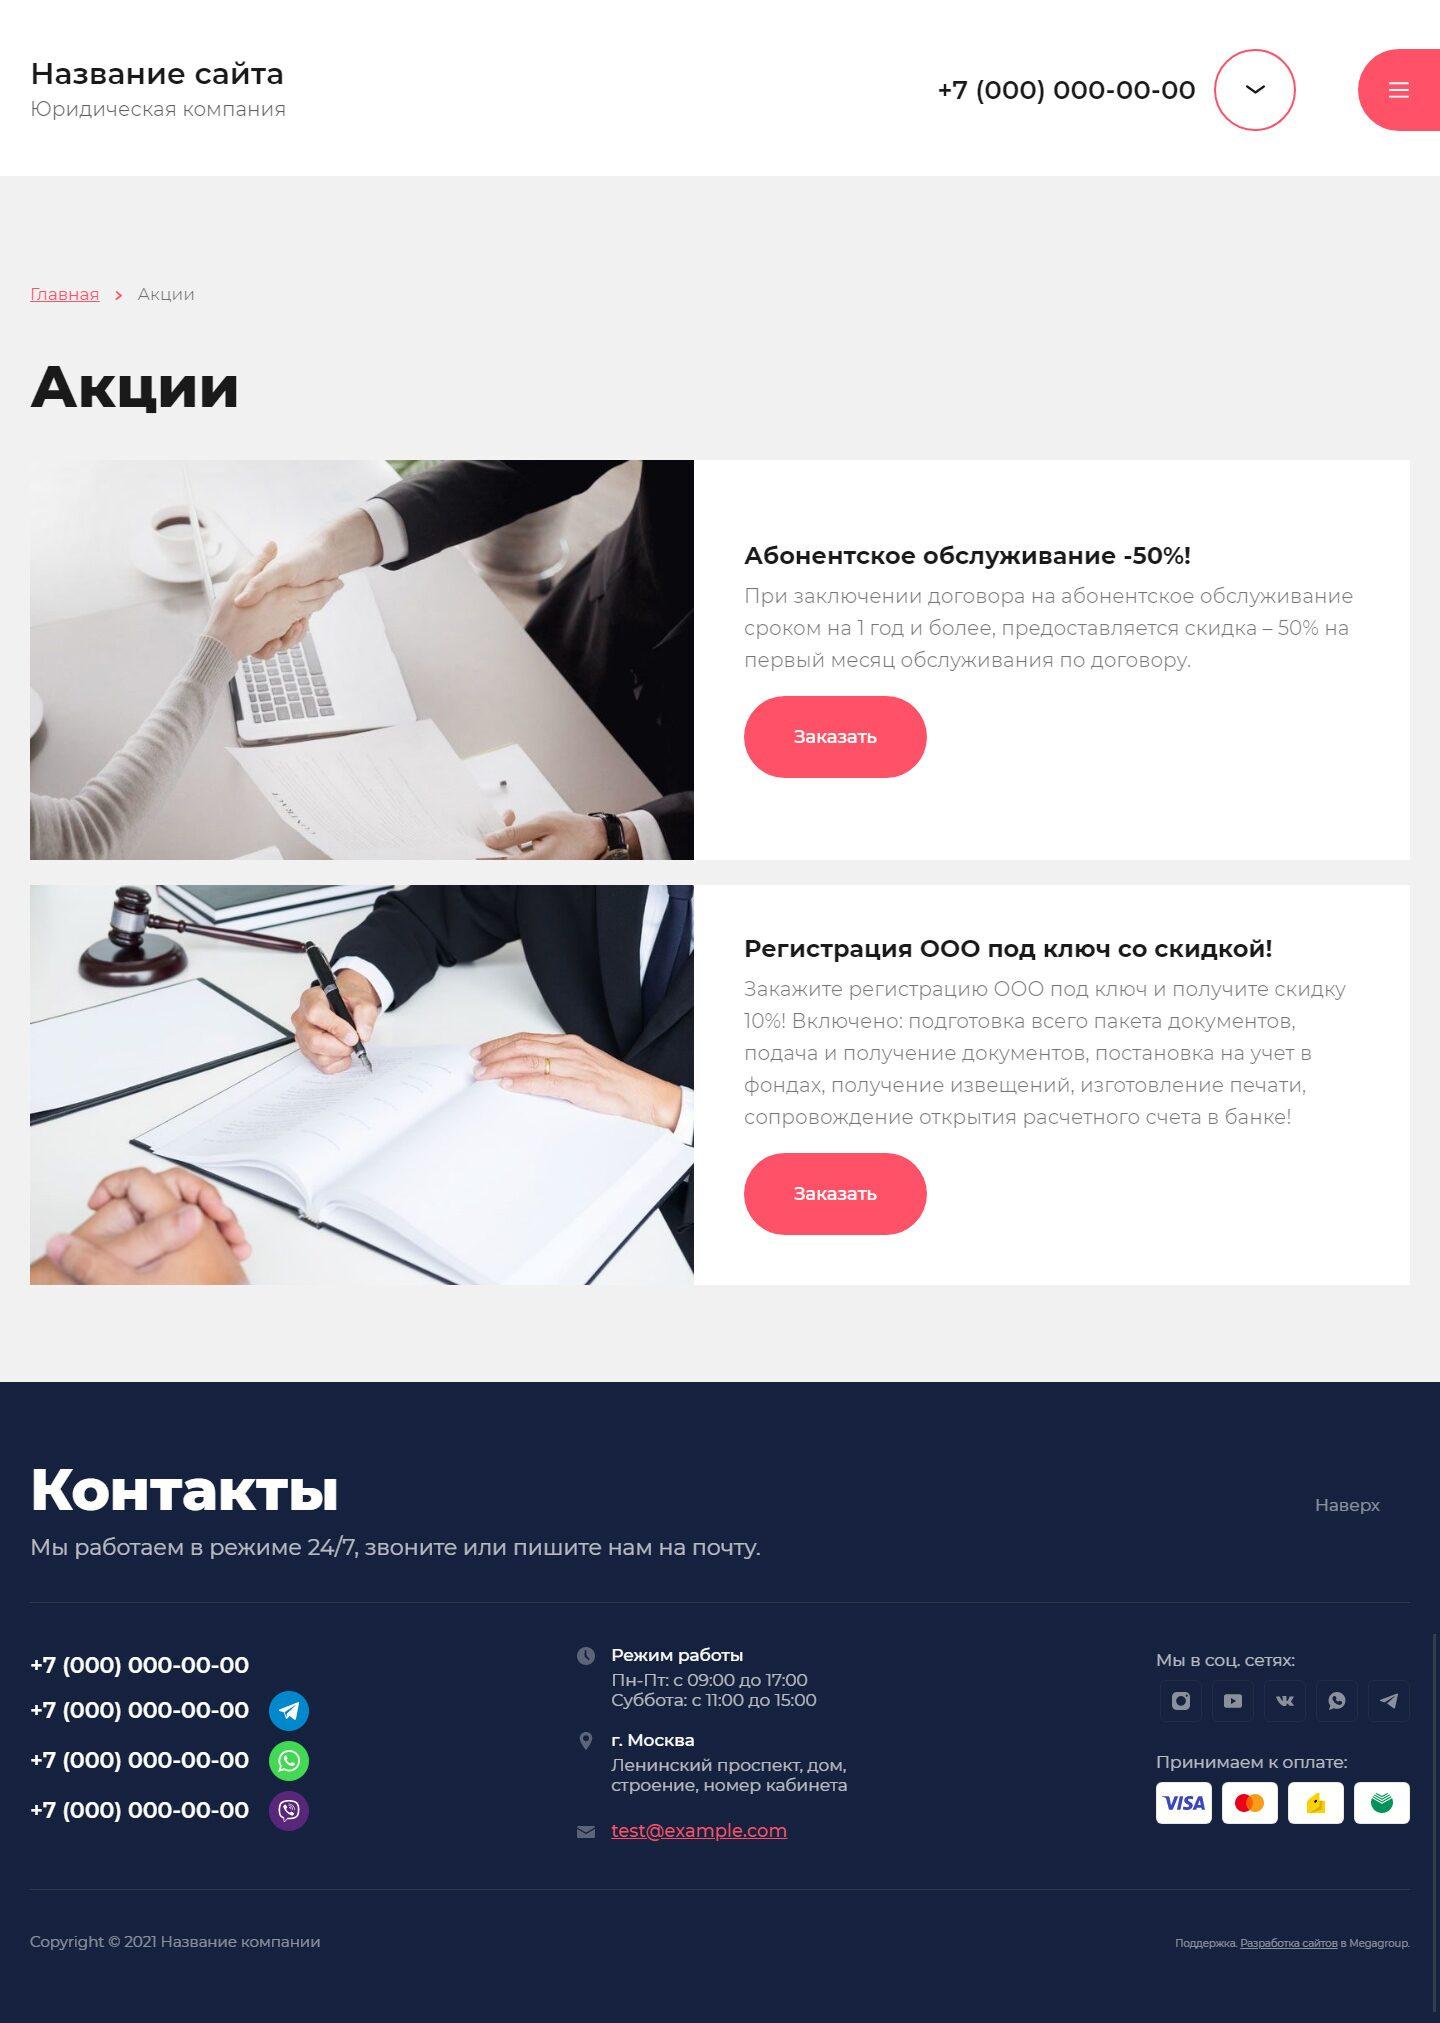 Готовый Сайт-Бизнес #3048740 - Юридические и адвокатские услуги (Акции)